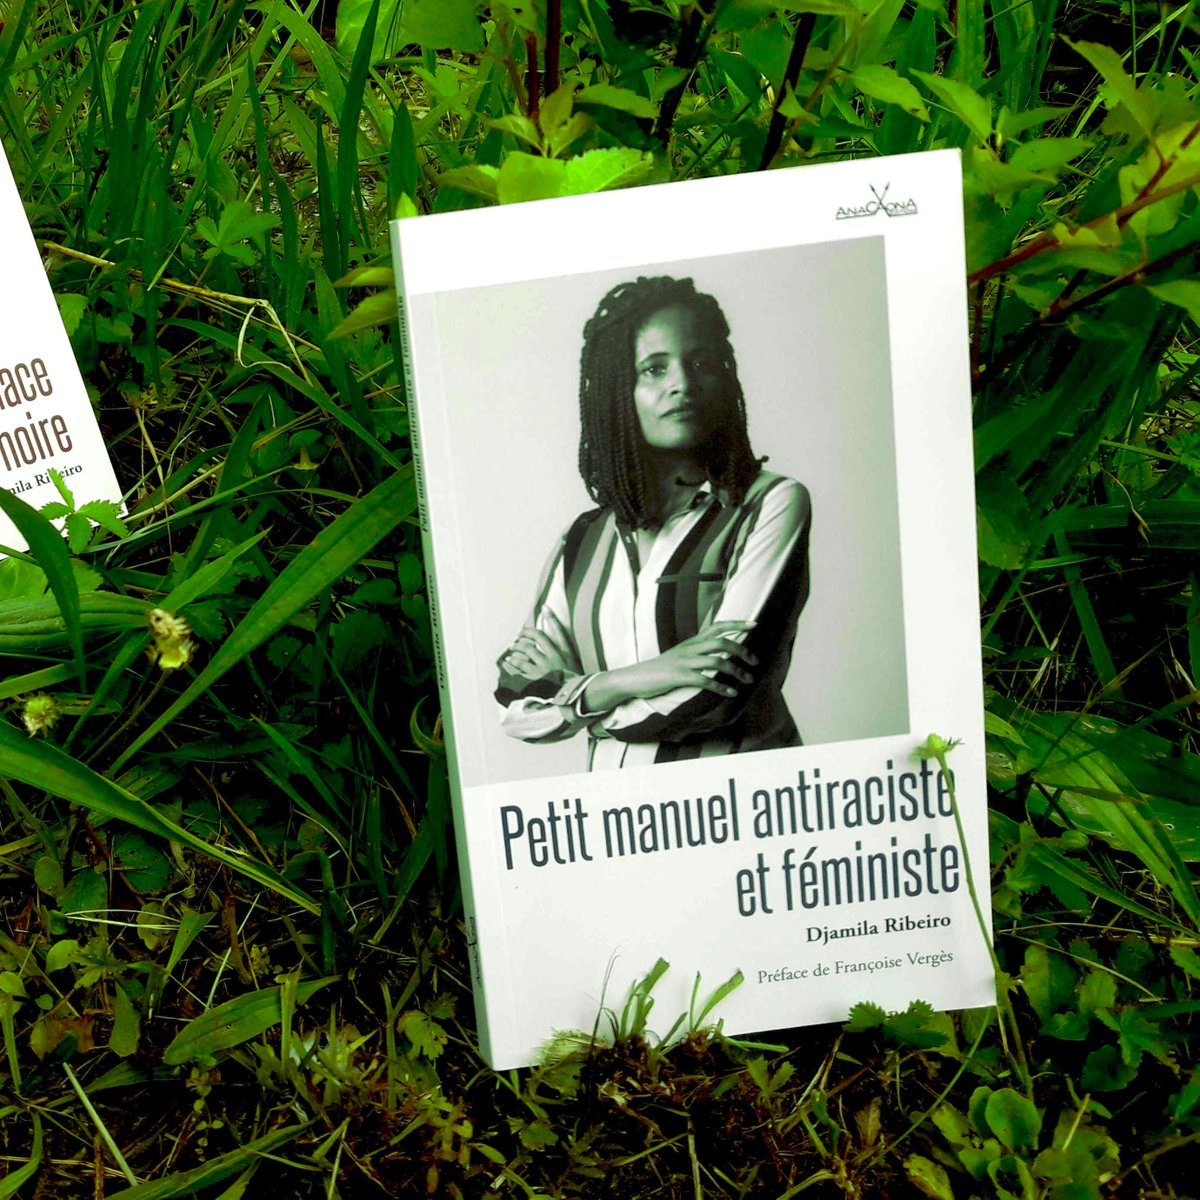 Les deux essais de la philosophe féministe Djamila Ribeiro invitent les lecteur·ices à questionner leurs préjugés ou biais inconscients ; la réflexion intersectionnelle nourrit une invitation à l'écoute. À lire : https://t.co/woQYlezeaM @AnacaonaEdition  #feminisme #antiracisme https://t.co/8i1LQx0mVm